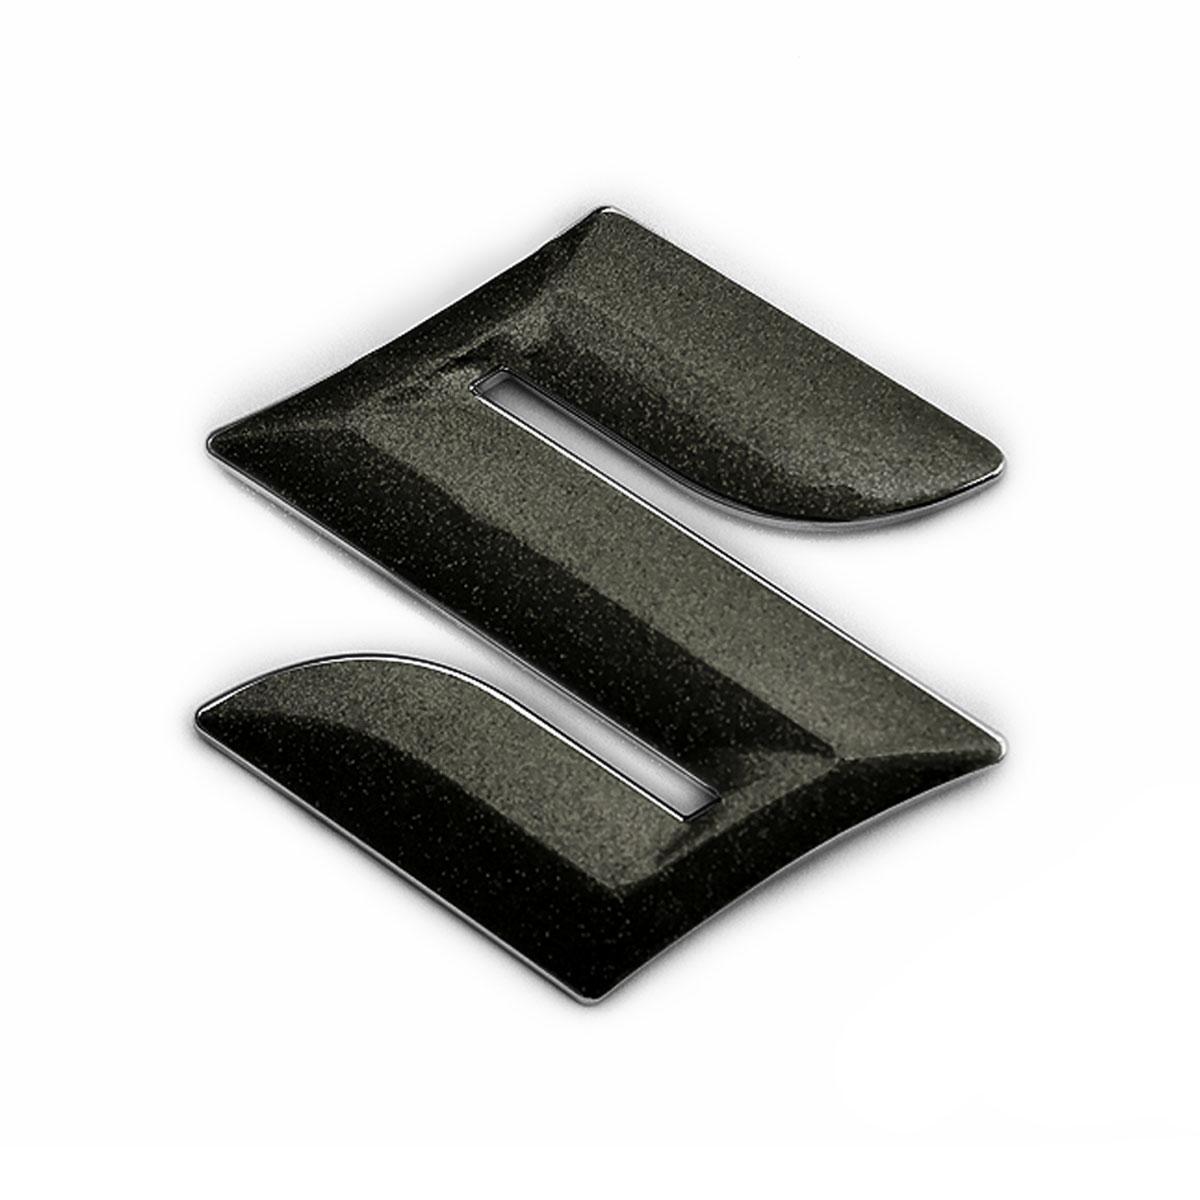 メール便送料無料 SUZUKI XBEE MN71S用パーツ BATBERRYエンブレムフィルム EFZ01m 超激得SALE 限定品 粗目メタリックブラック MN71S クロスビー メタリックフレークシート スズキマーク フロント用